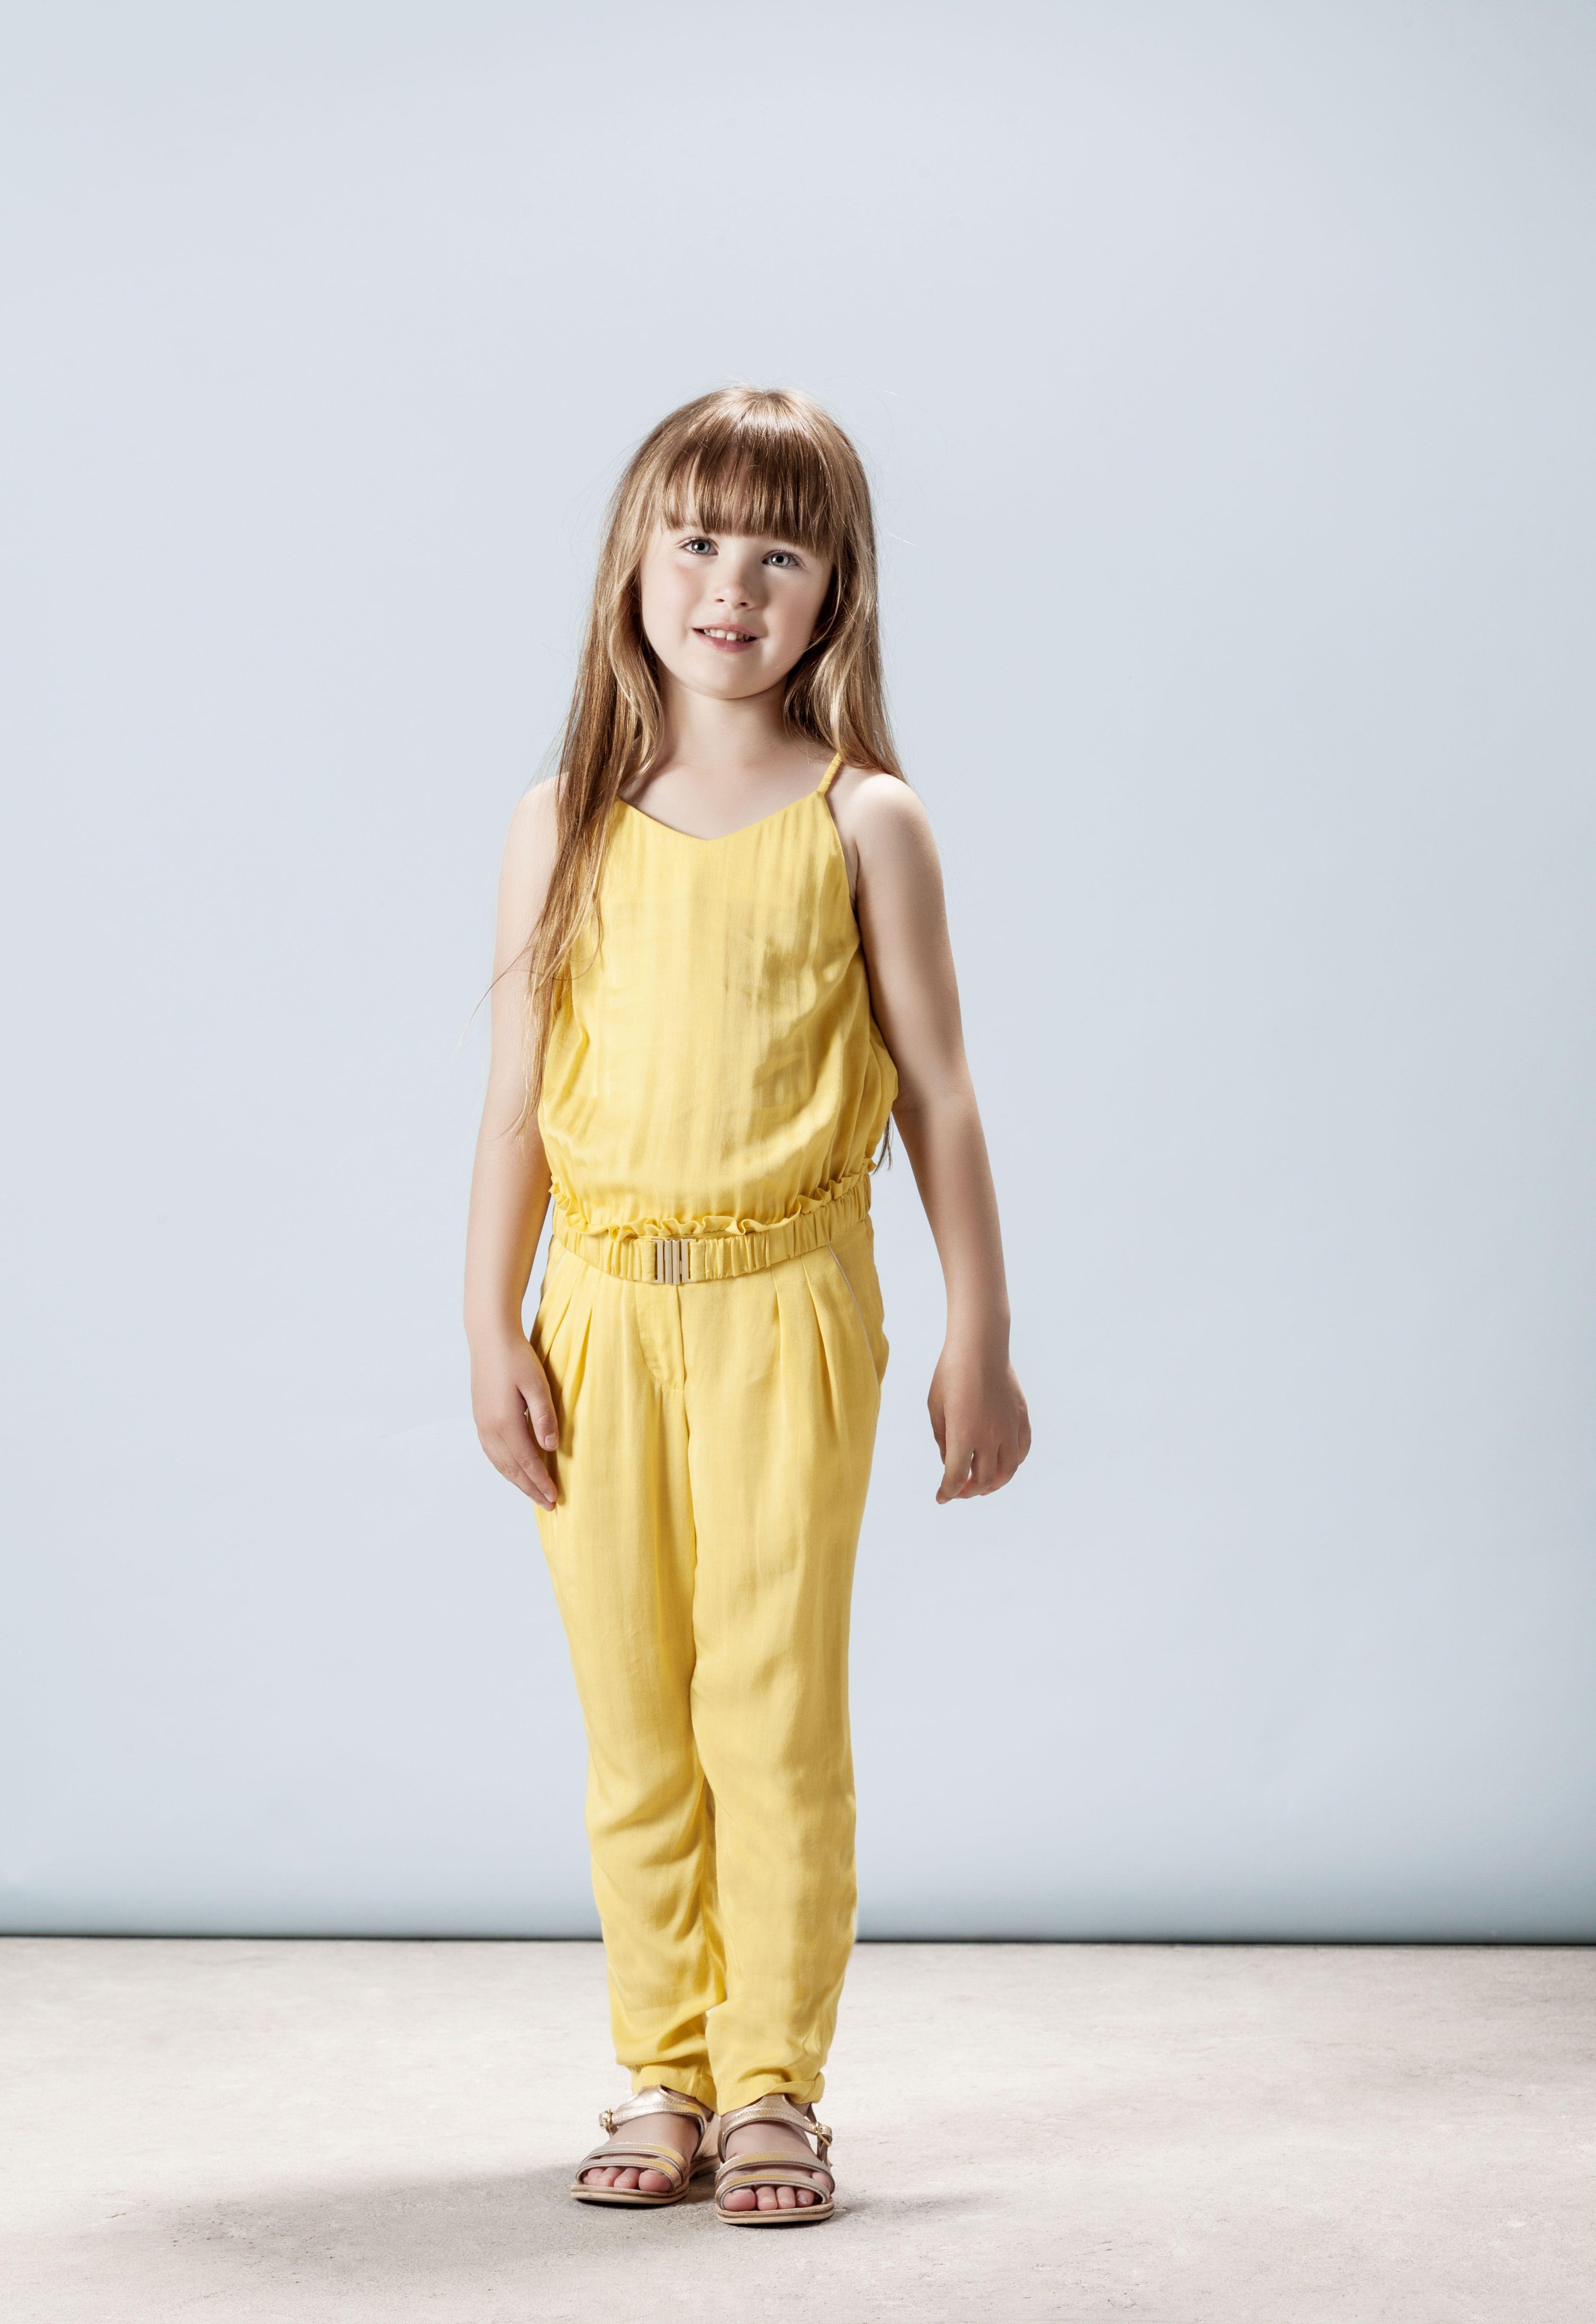 97aa416be09bb Look book Chloé enfant SS14 par Fovea design. Photographe  Karel Balas. Direction  artistique  Isis-Colombe Combréas. Style  Mélanie Hoepffner